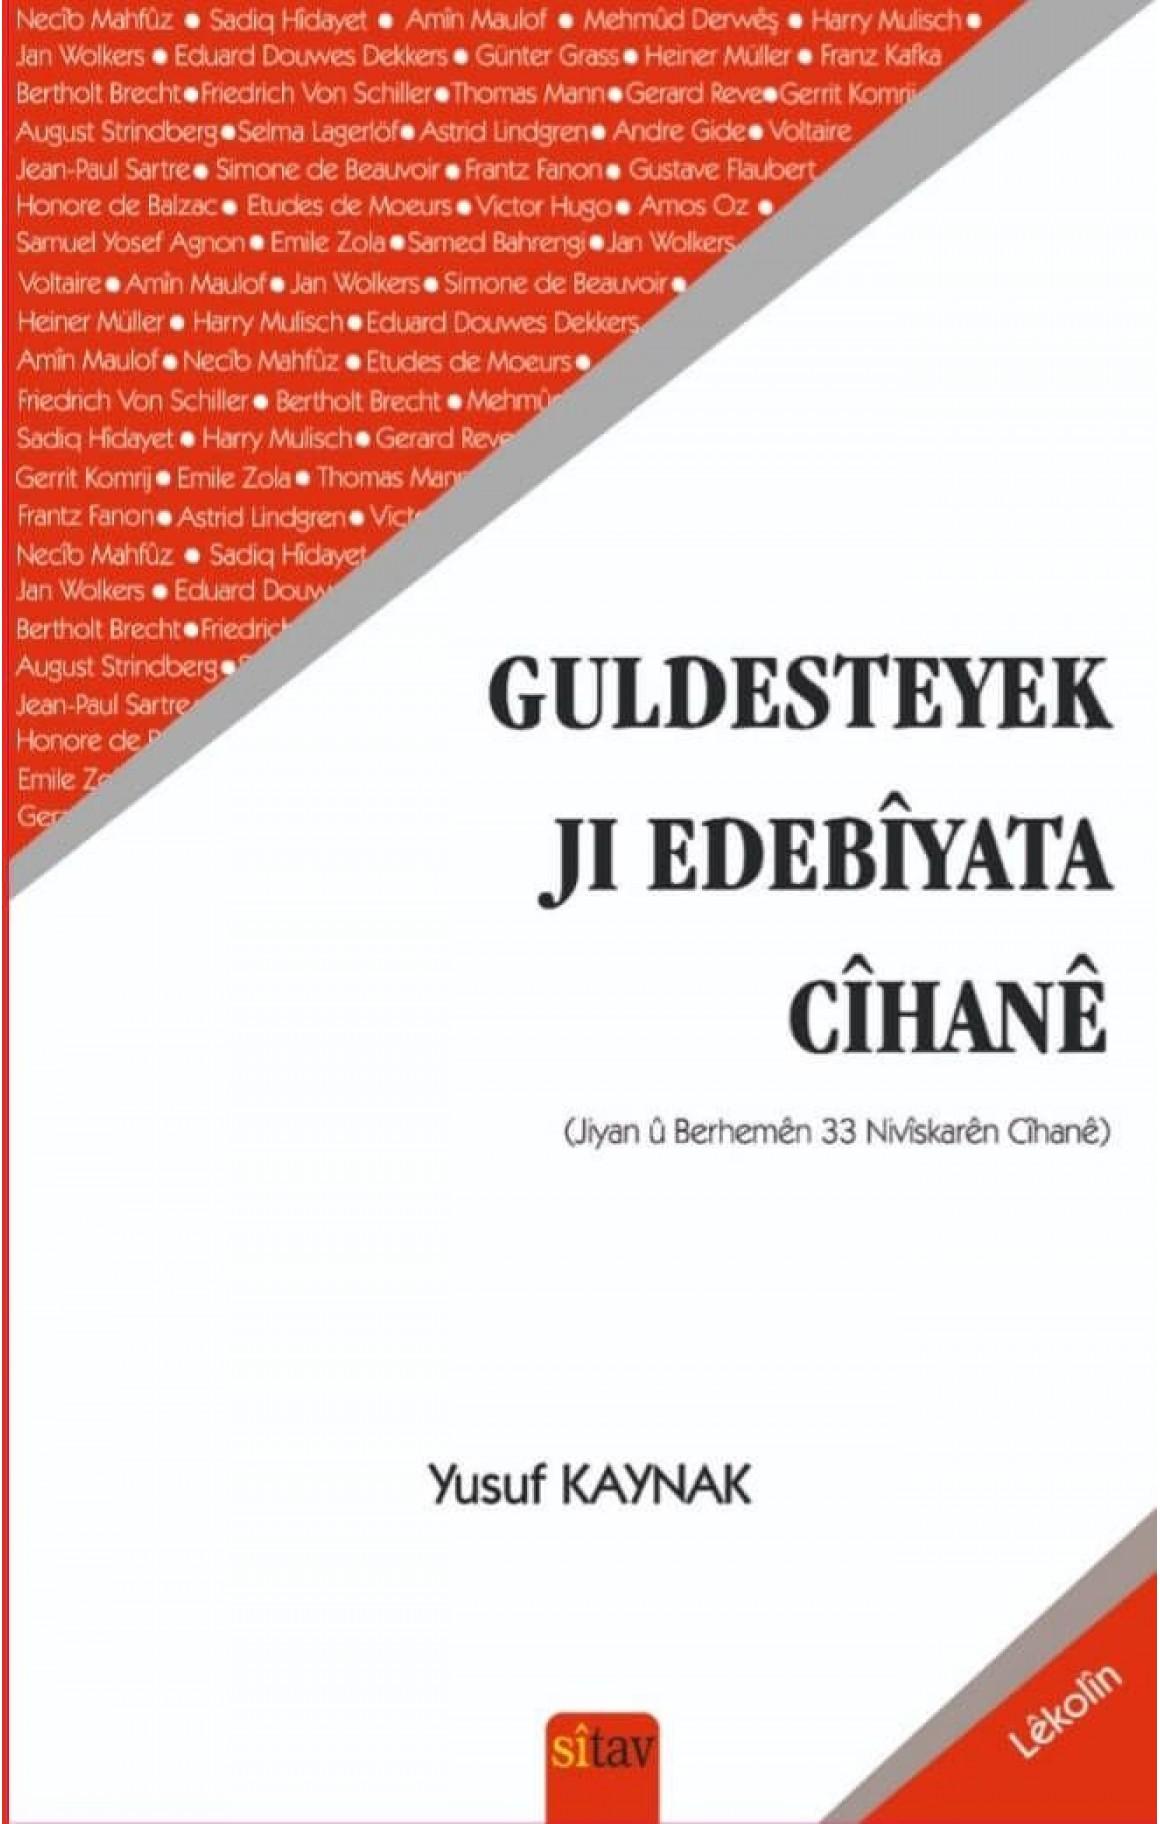 Guldesteyek Ji Edebiyata Cîhanê